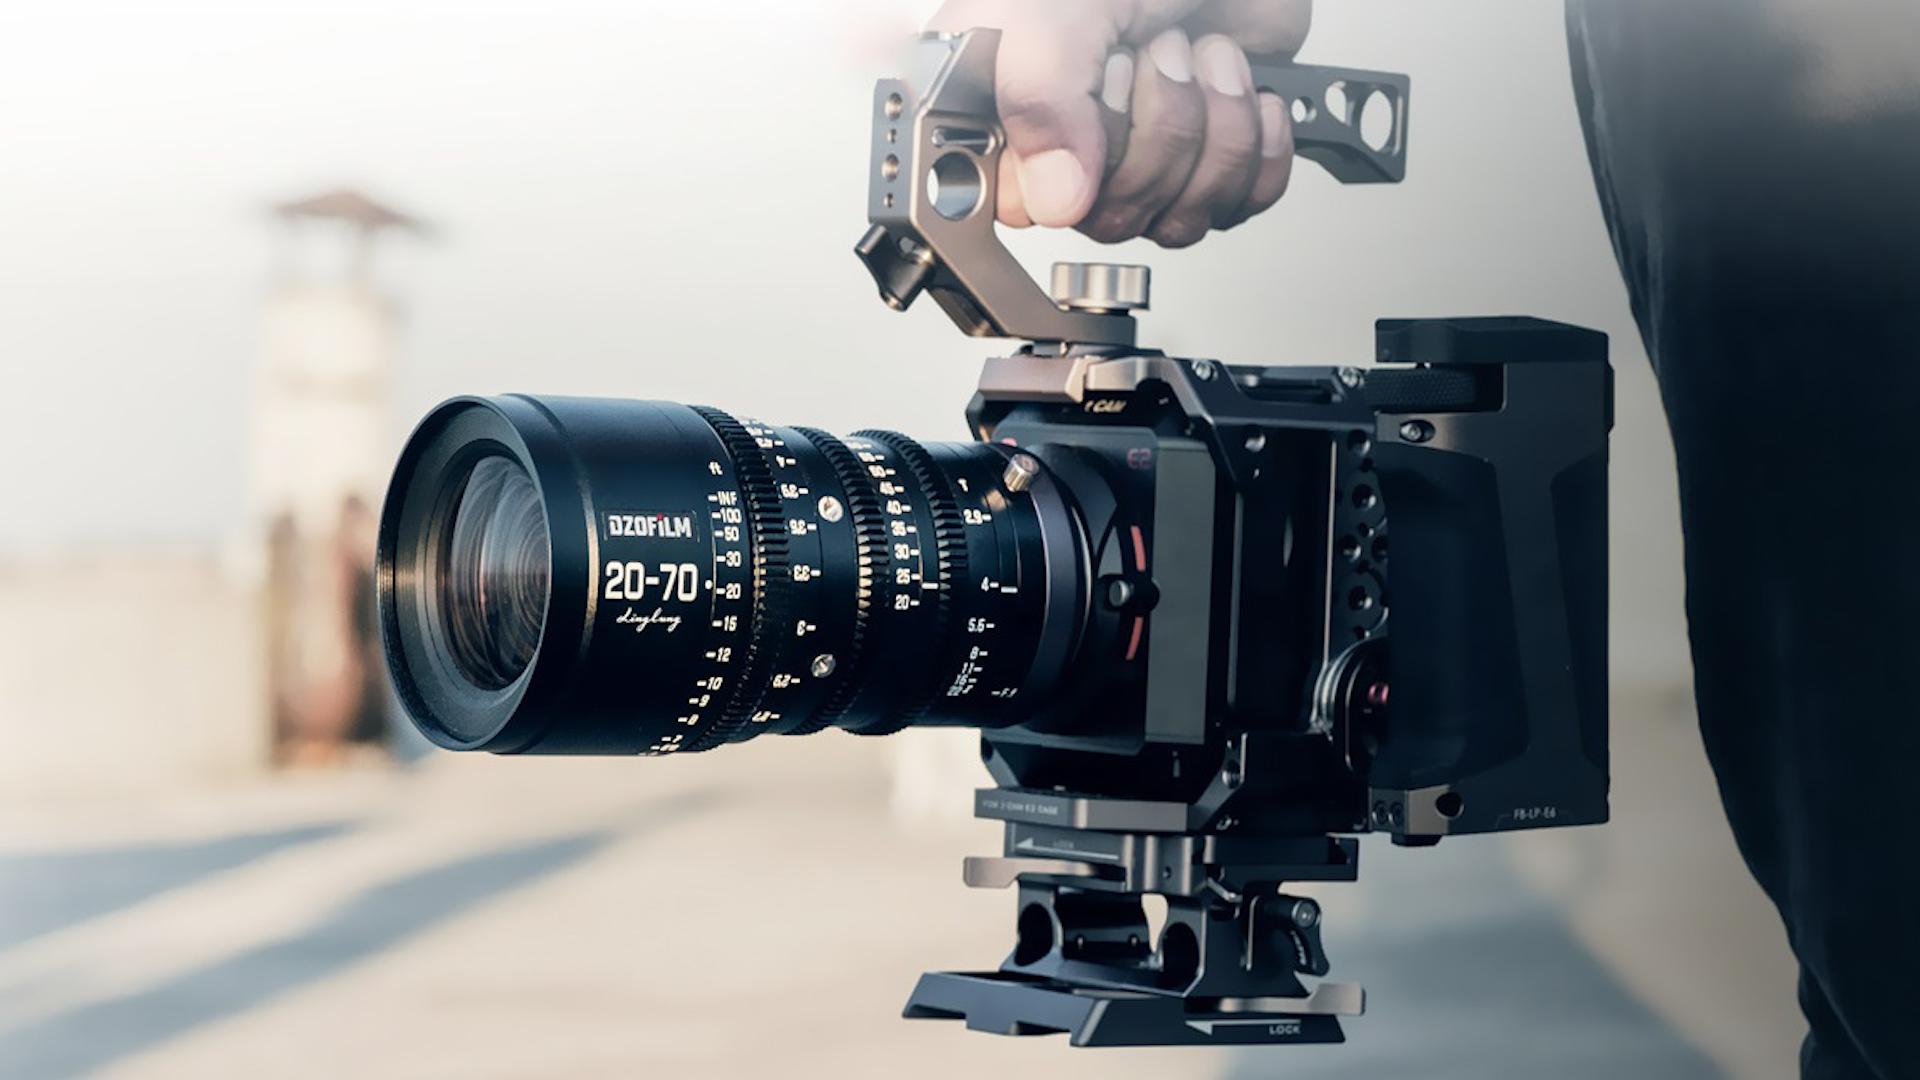 DZOFILM Linglung - Lente de cine 20-70 mm T2.9 actualizado y nuevo lente Micro 4/3 10-24 mm T2.9